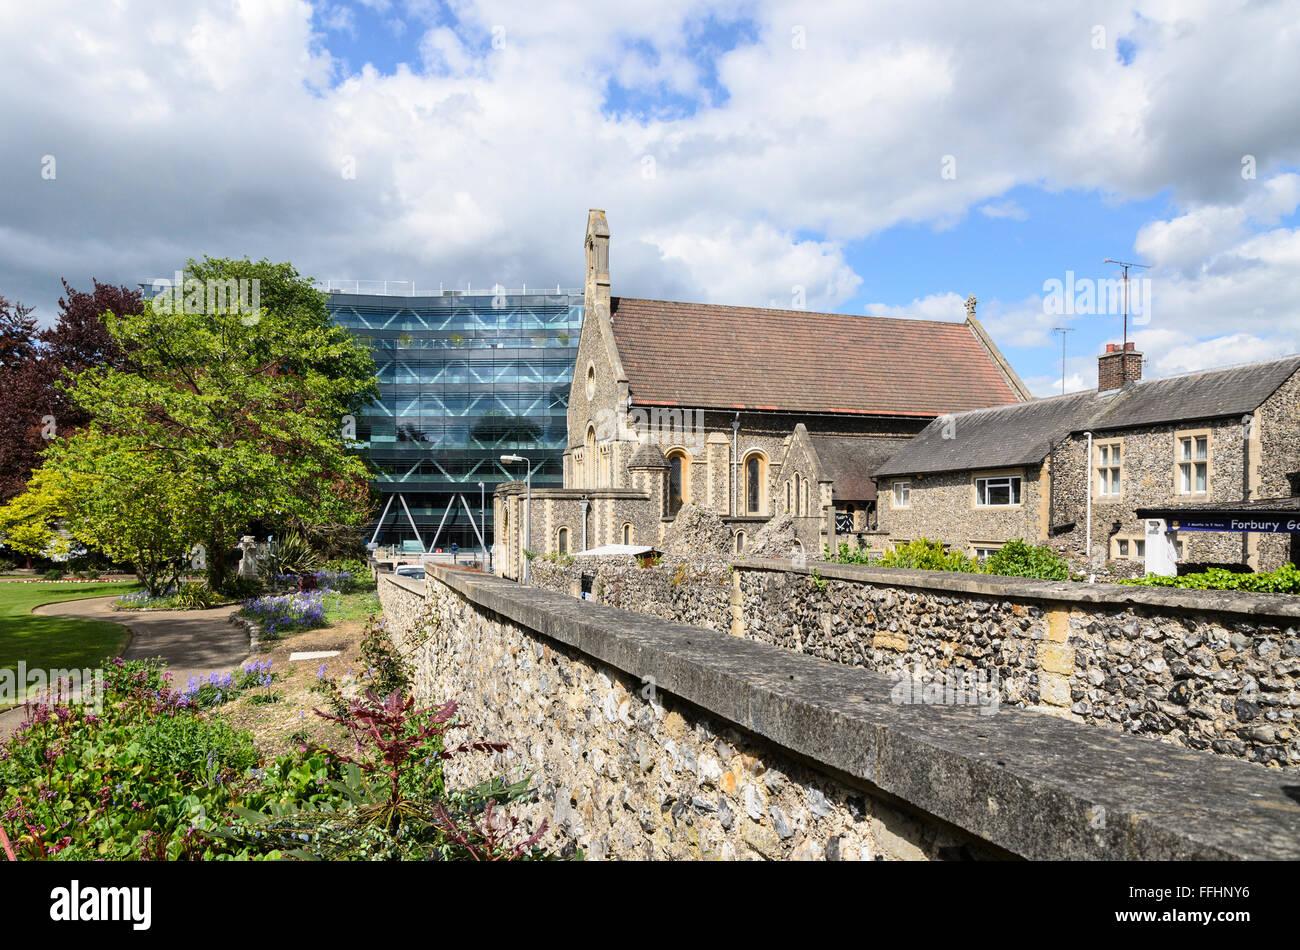 Jardins Forbury, Reading Abbey ruins et St James Église Catholique Romaine, Reading, Berkshire, Angleterre, Royaume-Uni. Banque D'Images